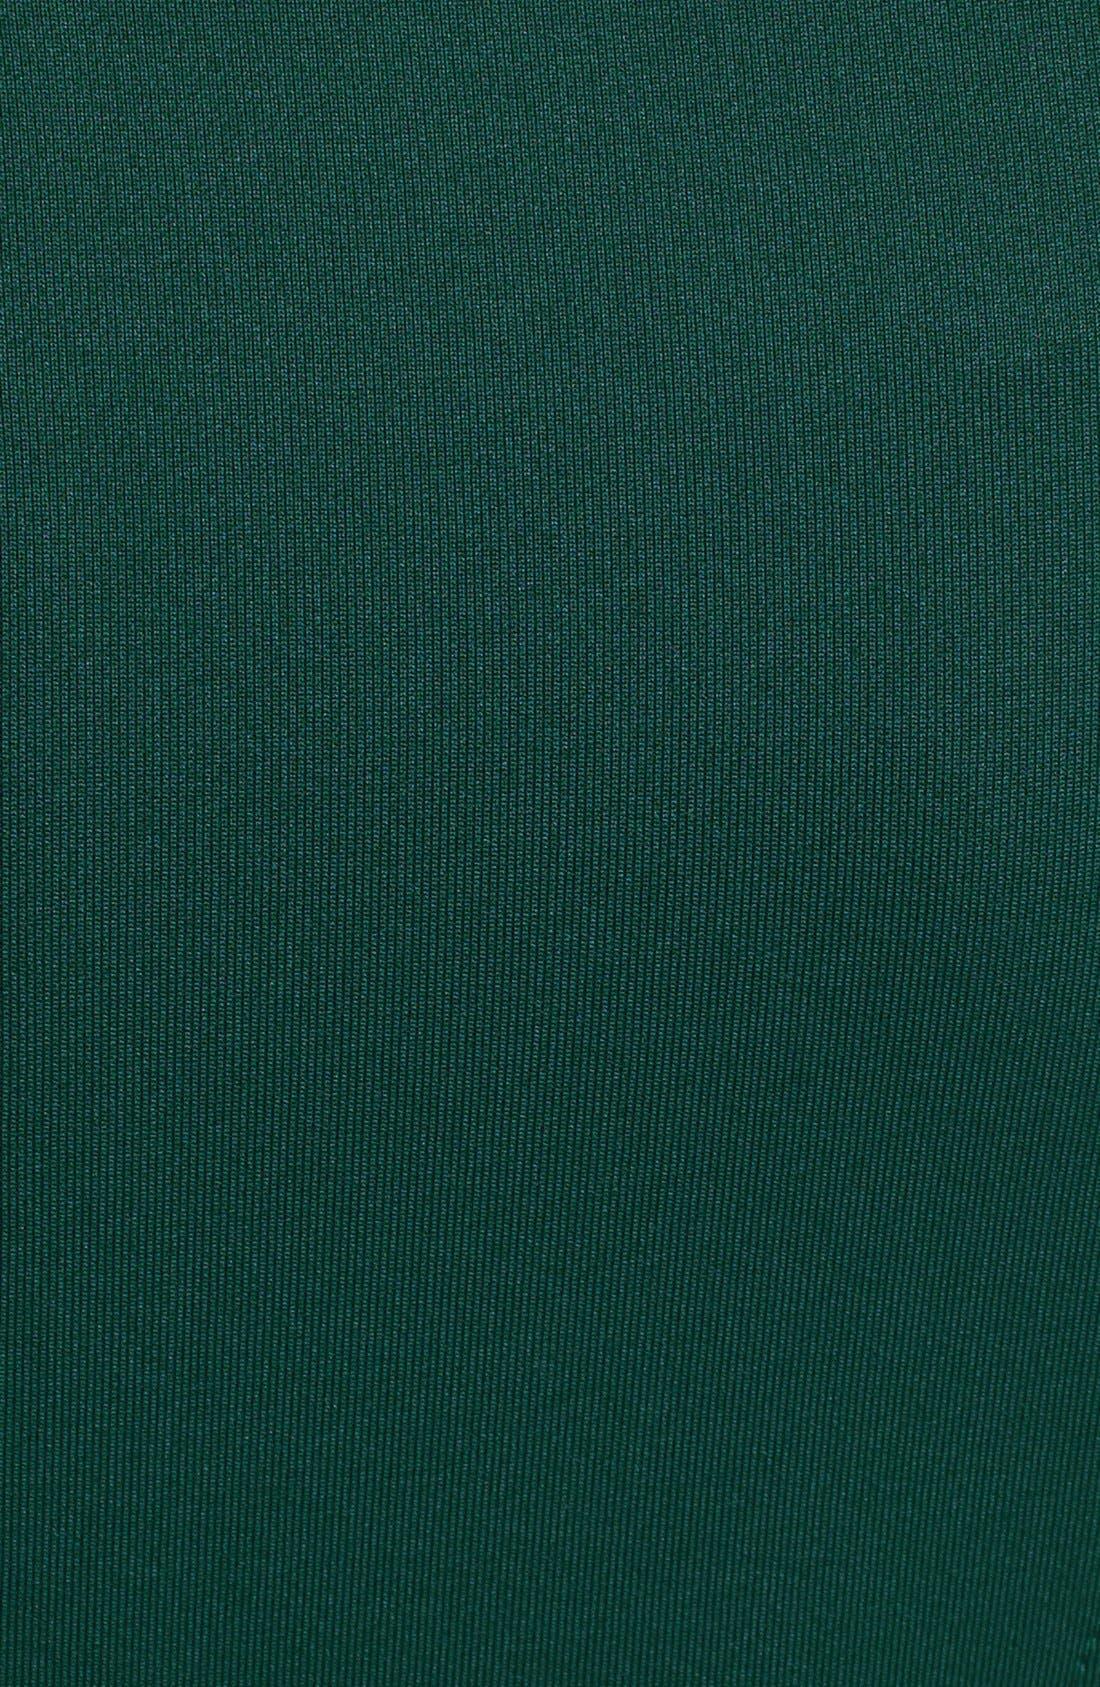 Alternate Image 3  - Vince Camuto Studded Scuba Knit Fit & Flare Dress